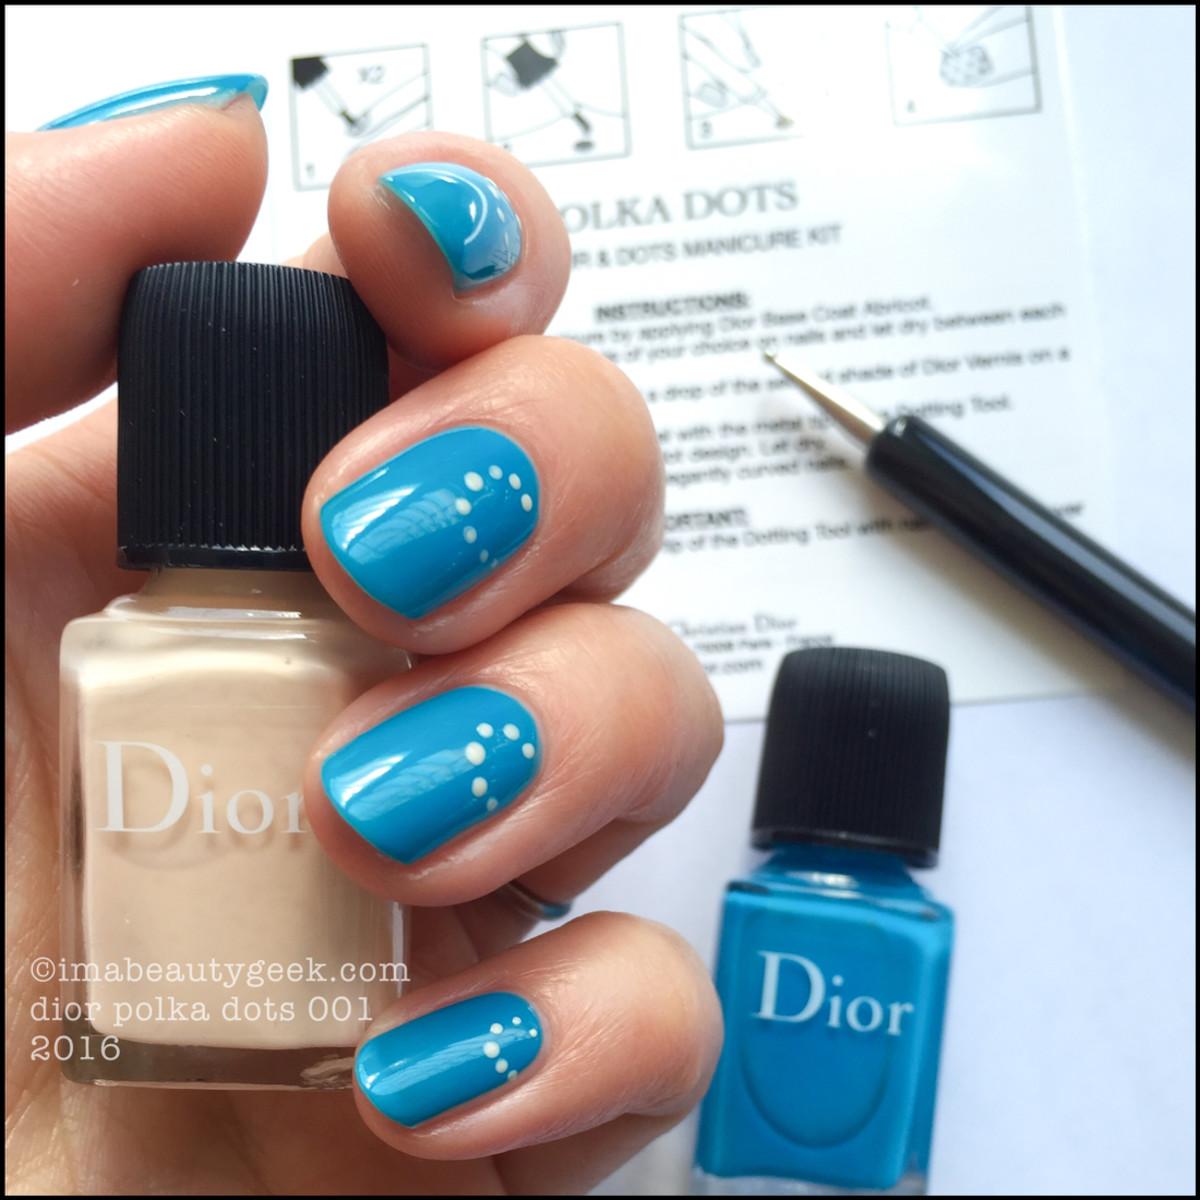 Dior Polka Dots 001_Dior Vernis 795 212 2016